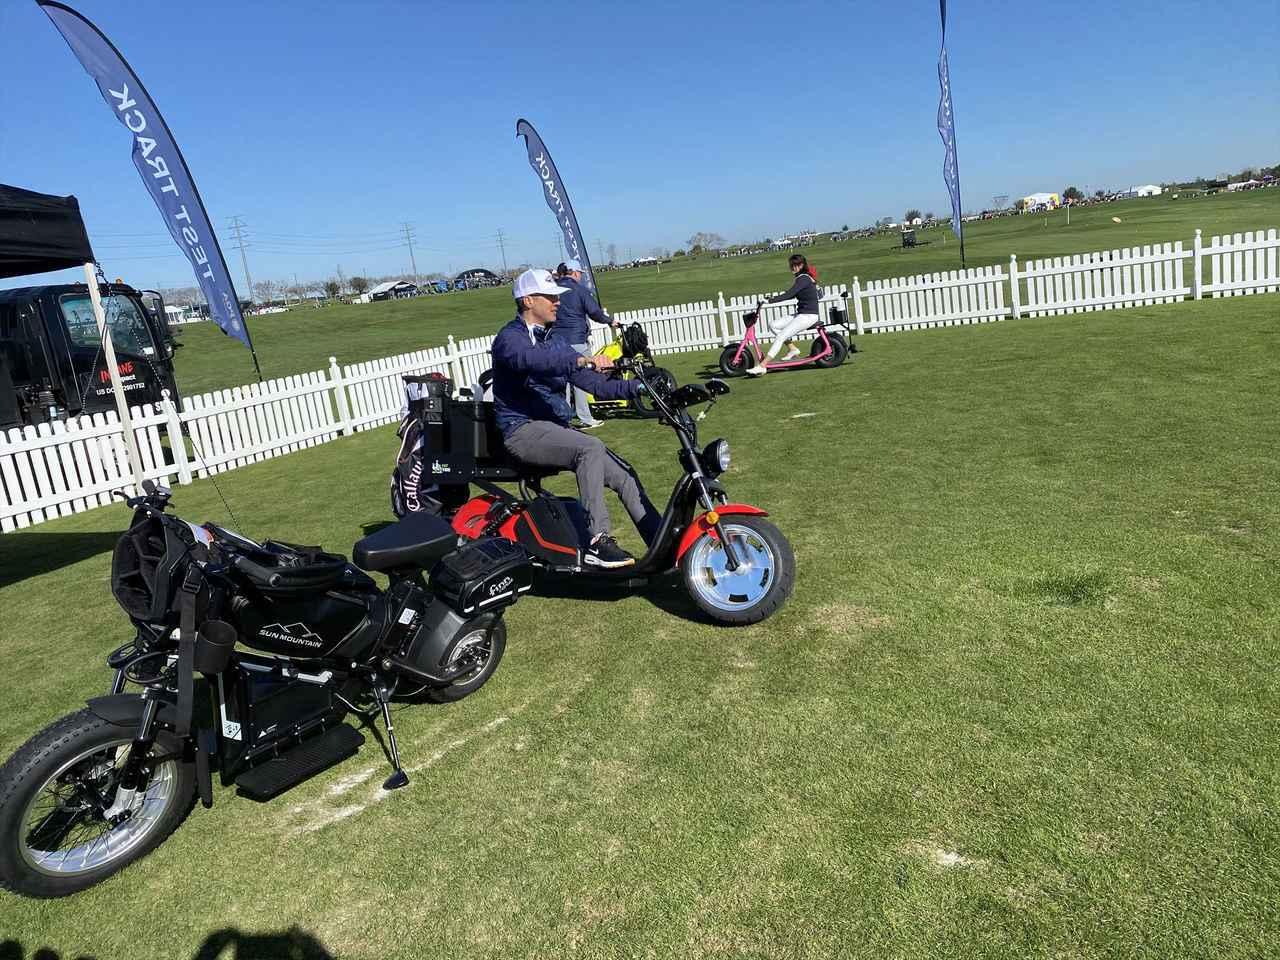 画像: こちらはバイクの後ろにキャディバッグを積めるタイプ。自由ですねぇ